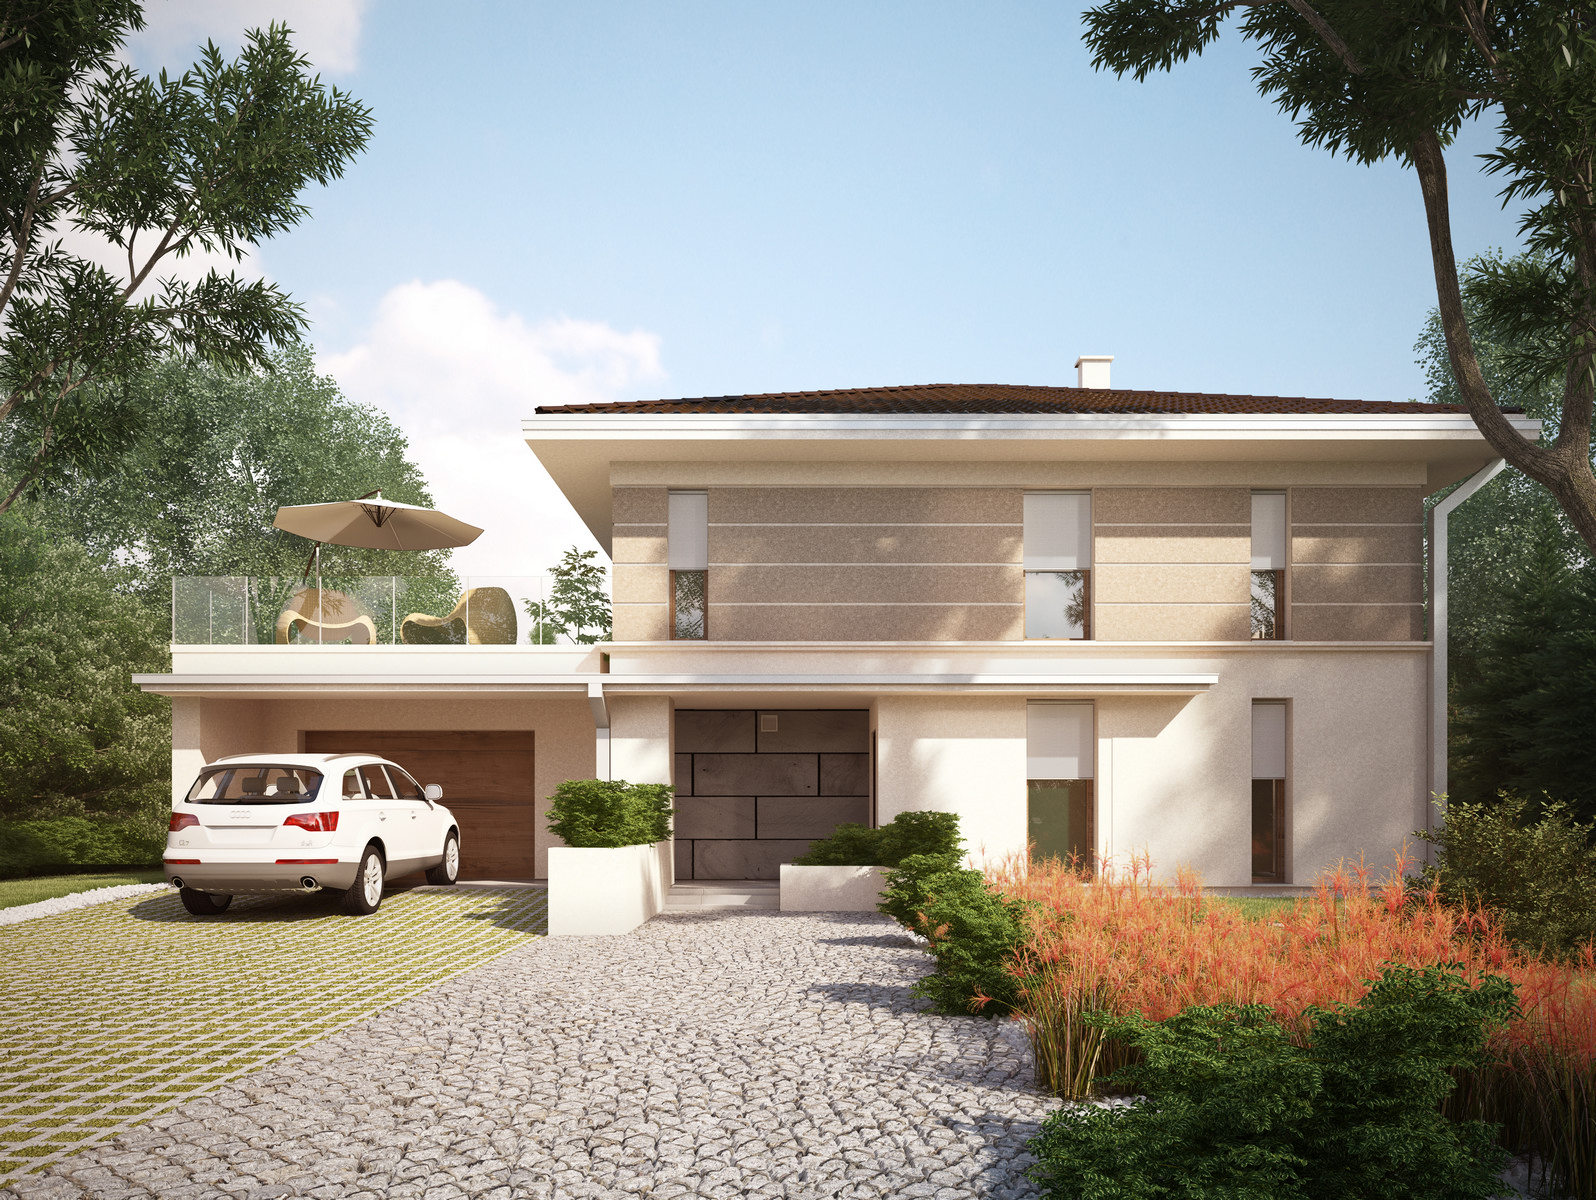 Projekt domu SOLIDNY Domy Czystej Energii widok od frontu